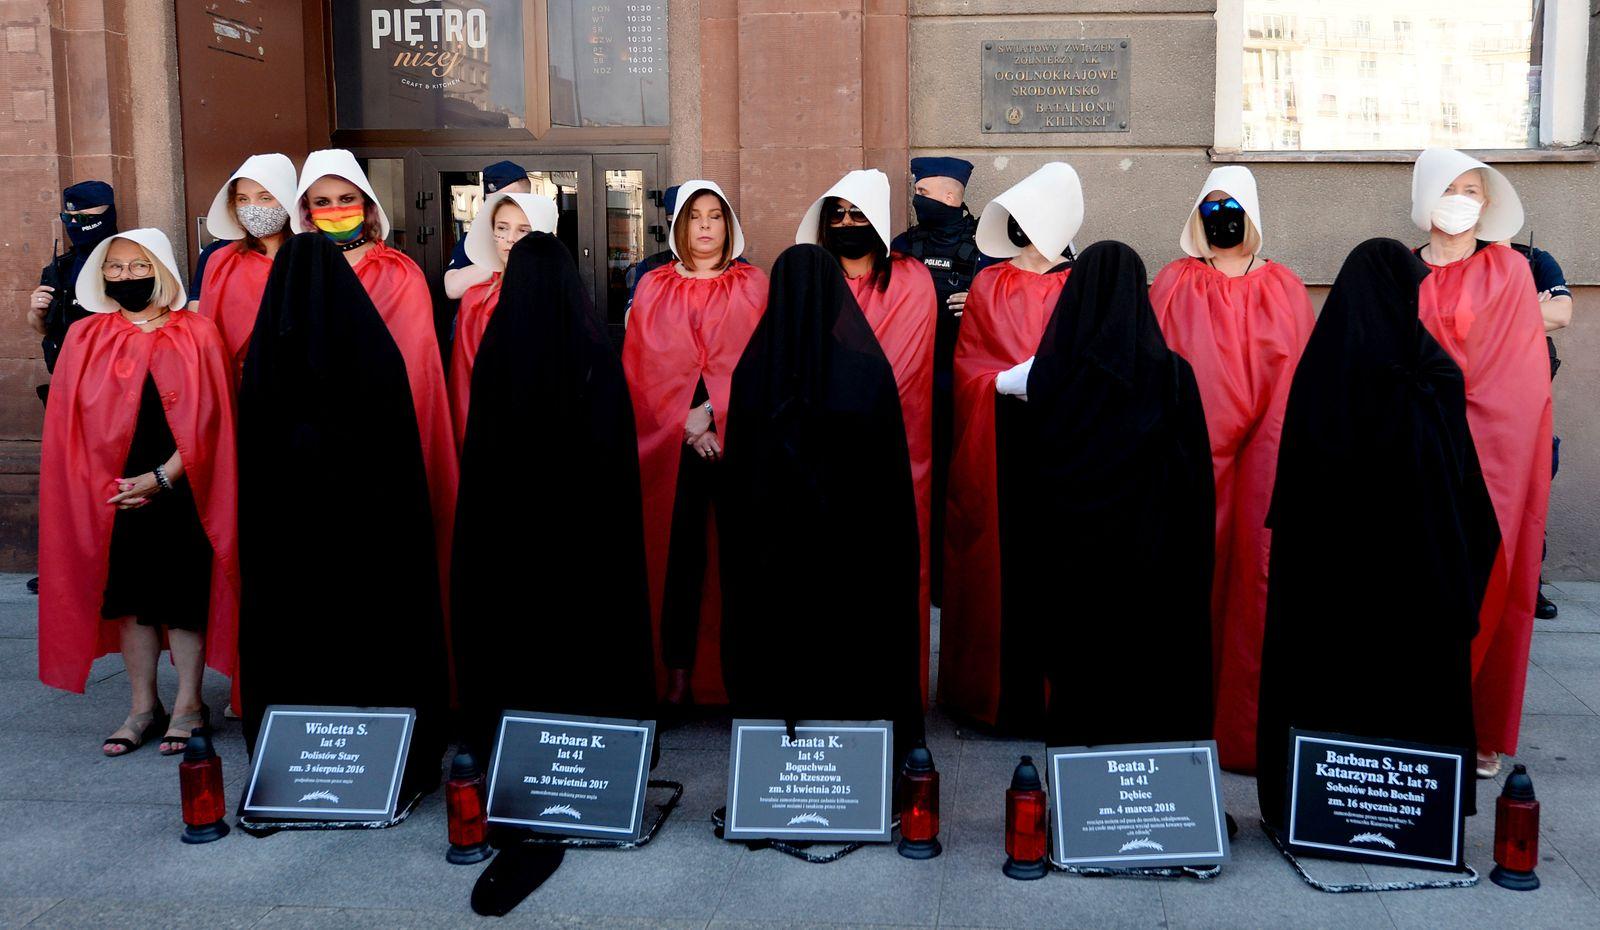 Proteste in Polen gegen Rückzug aus Frauenrechtsabkommen